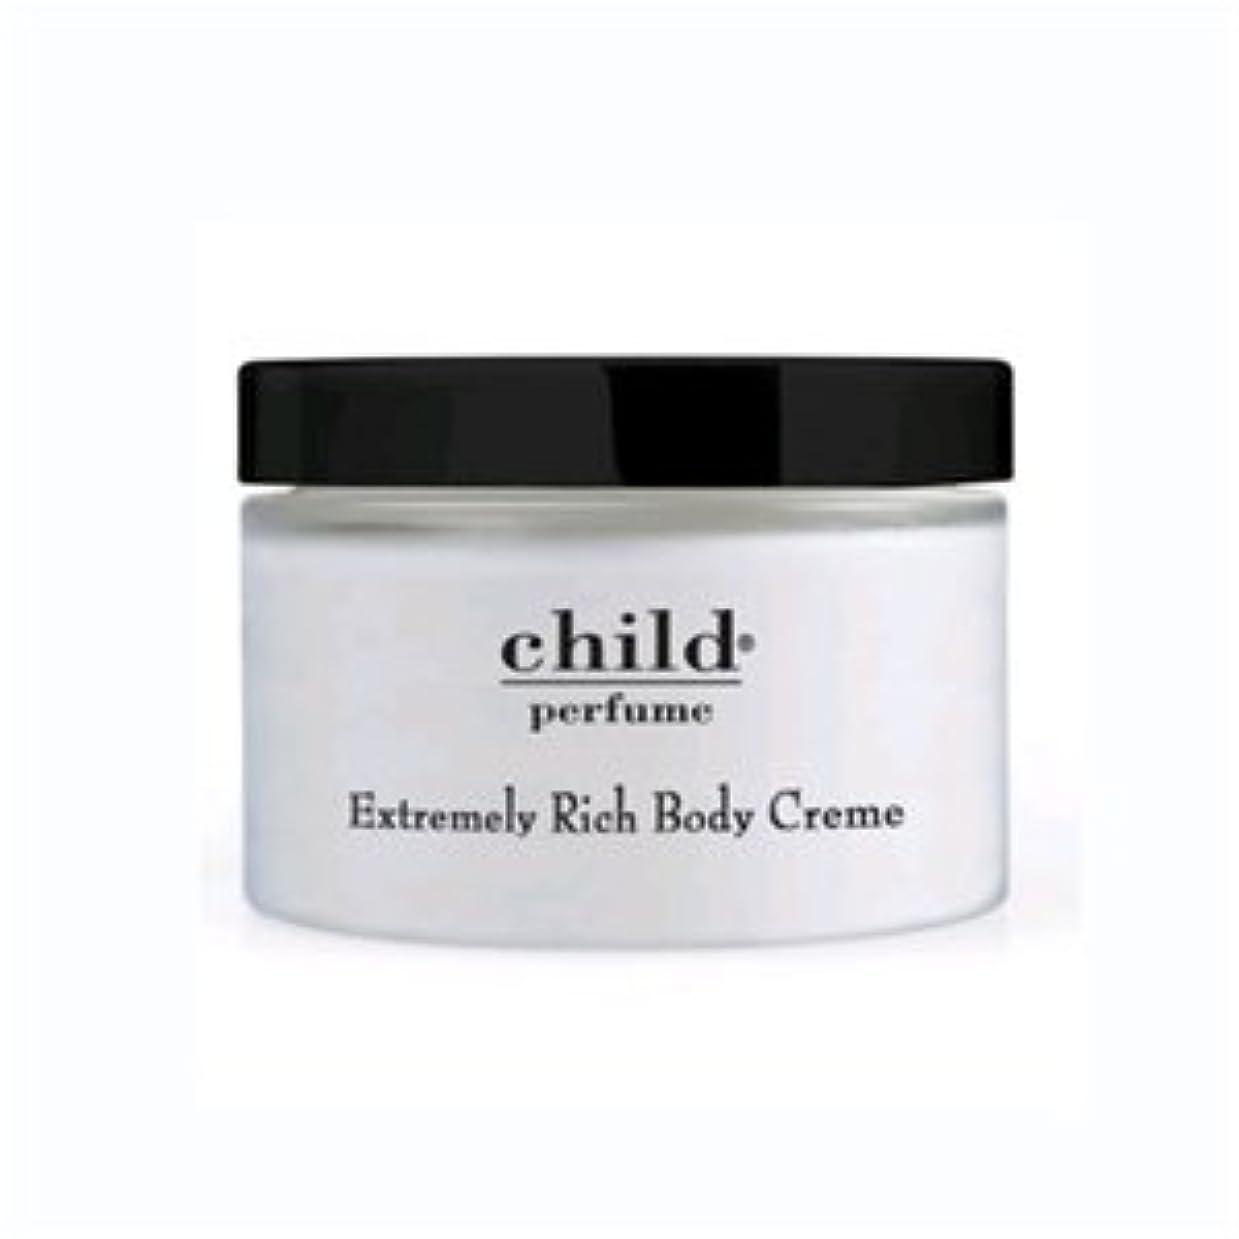 約大宇宙保持するChild Extremely Rich Body Creme (チャイルド エクストリームリーリッチ ボディークリーム) 8.0 oz (240ml) by Child for Women